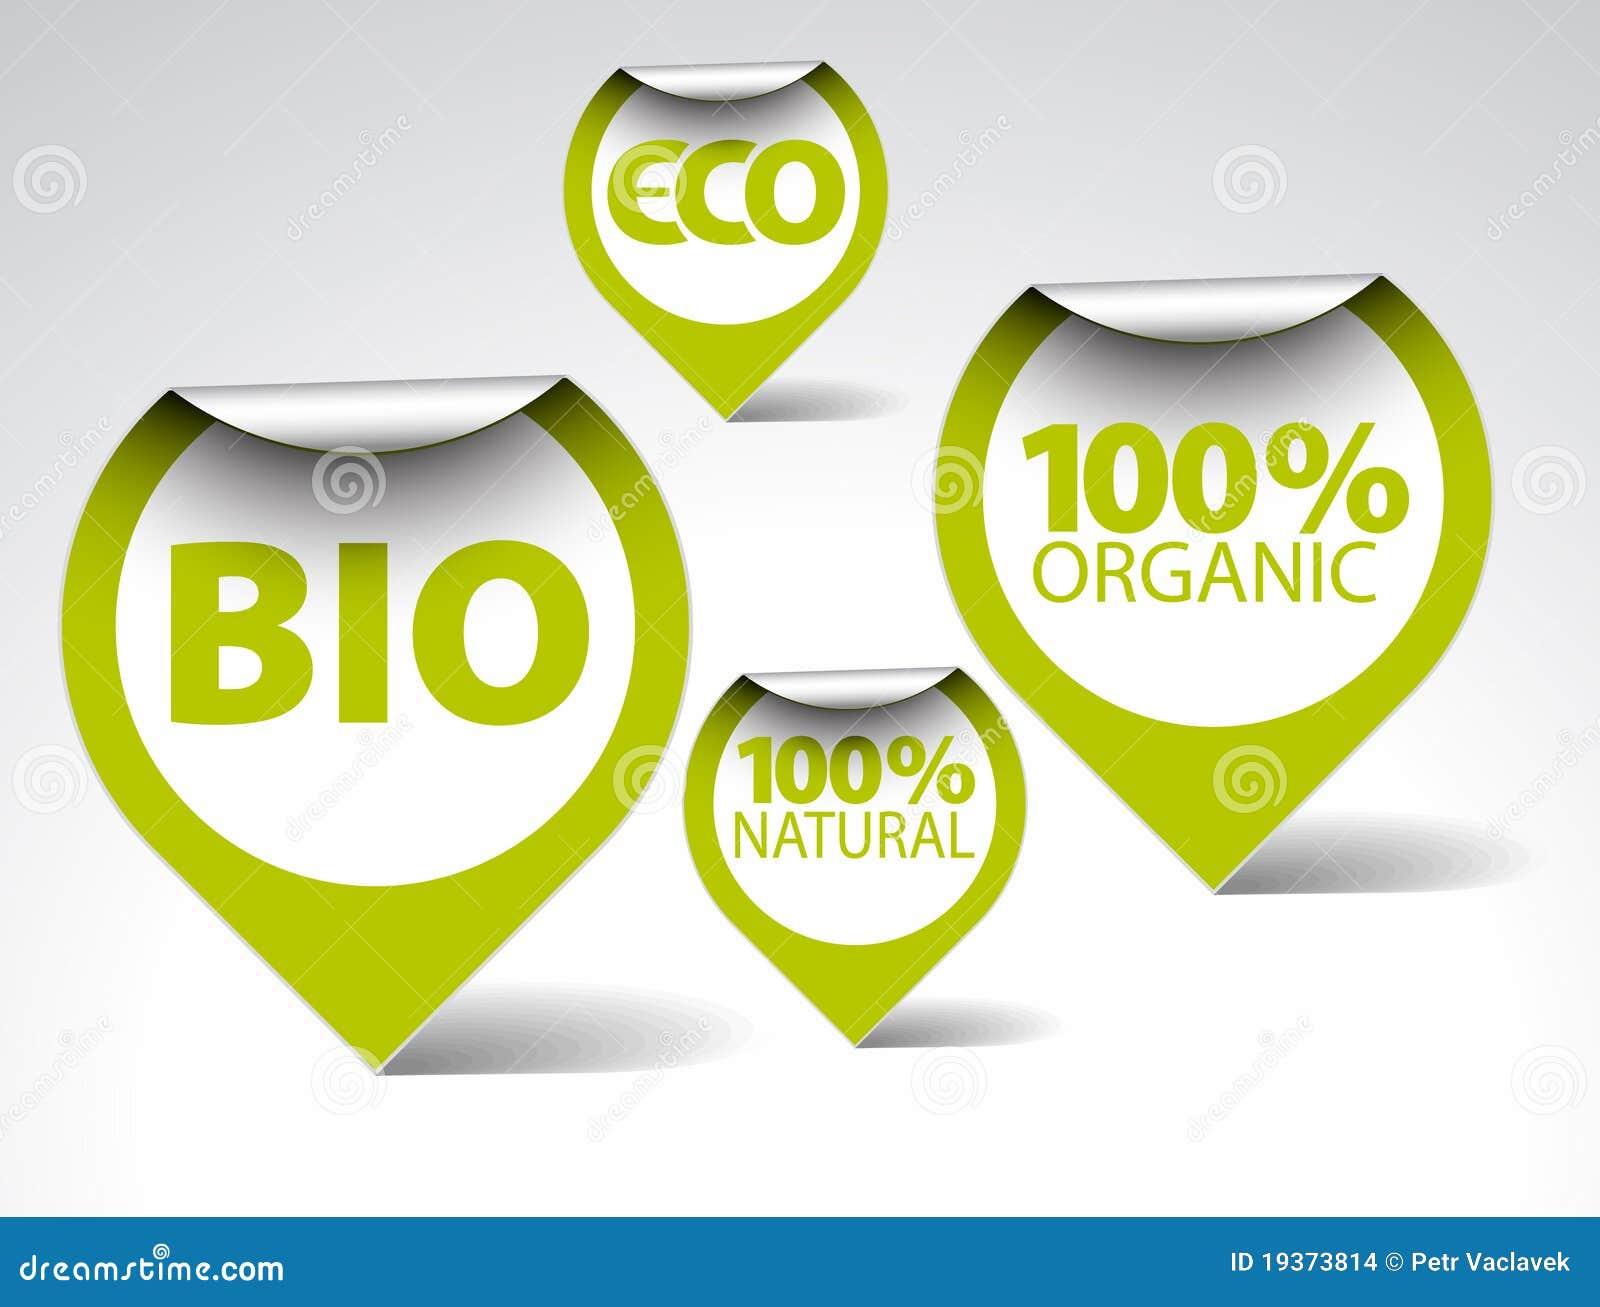 Tag verdes para orgânico, naturais, eco, bio alimento